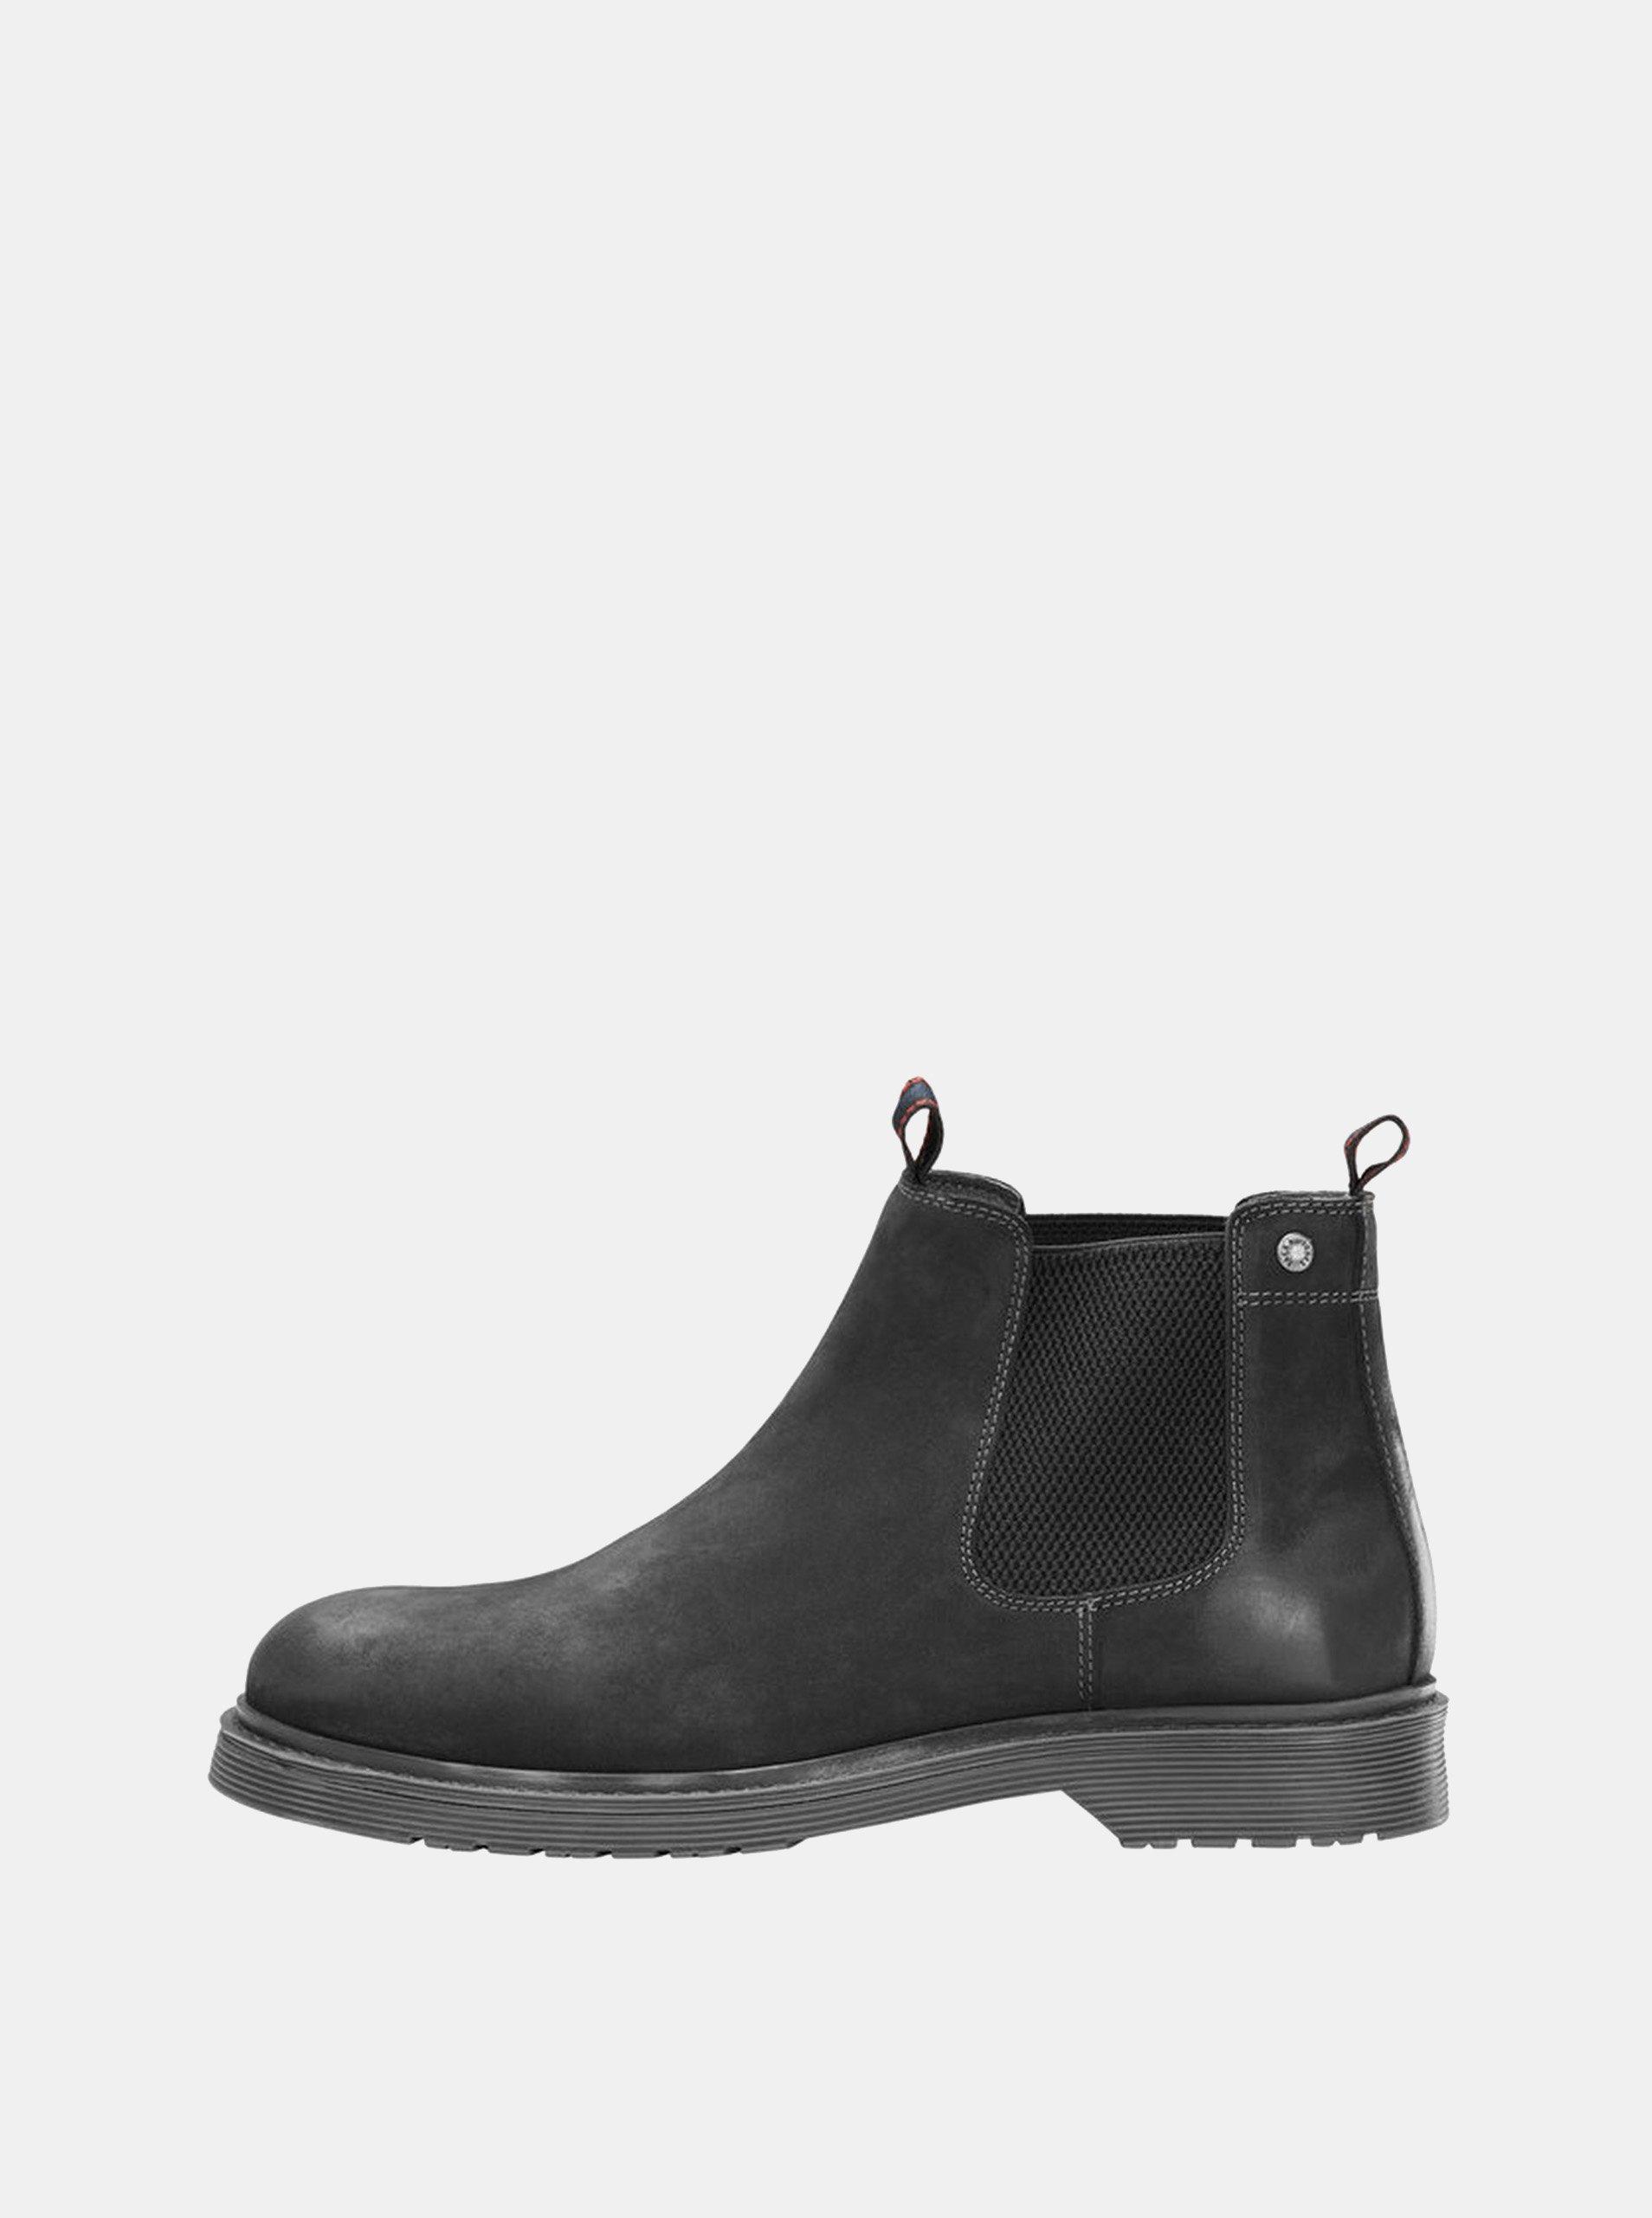 Černé pánské kožené chelsea boty Jack   Jones Leyton e218eb94bd